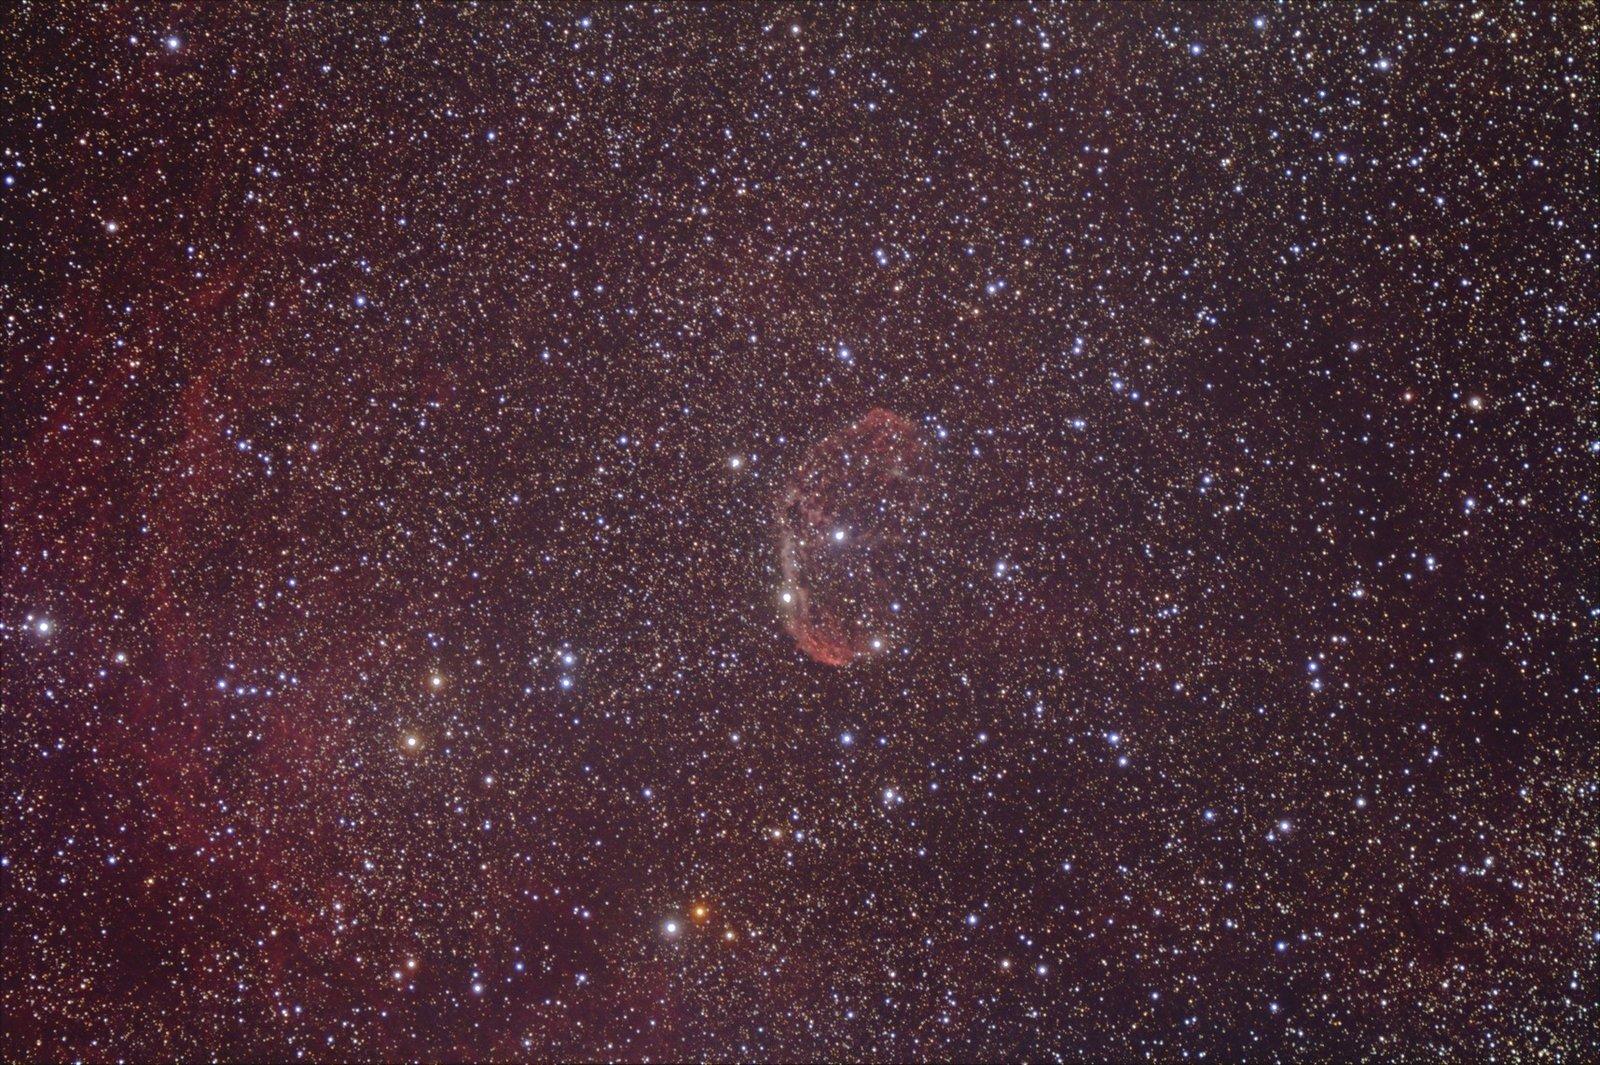 596bcdfd19ee6_NGC68883.thumb.jpg.01c2dc5d5195d3058648539308fbe602.jpg